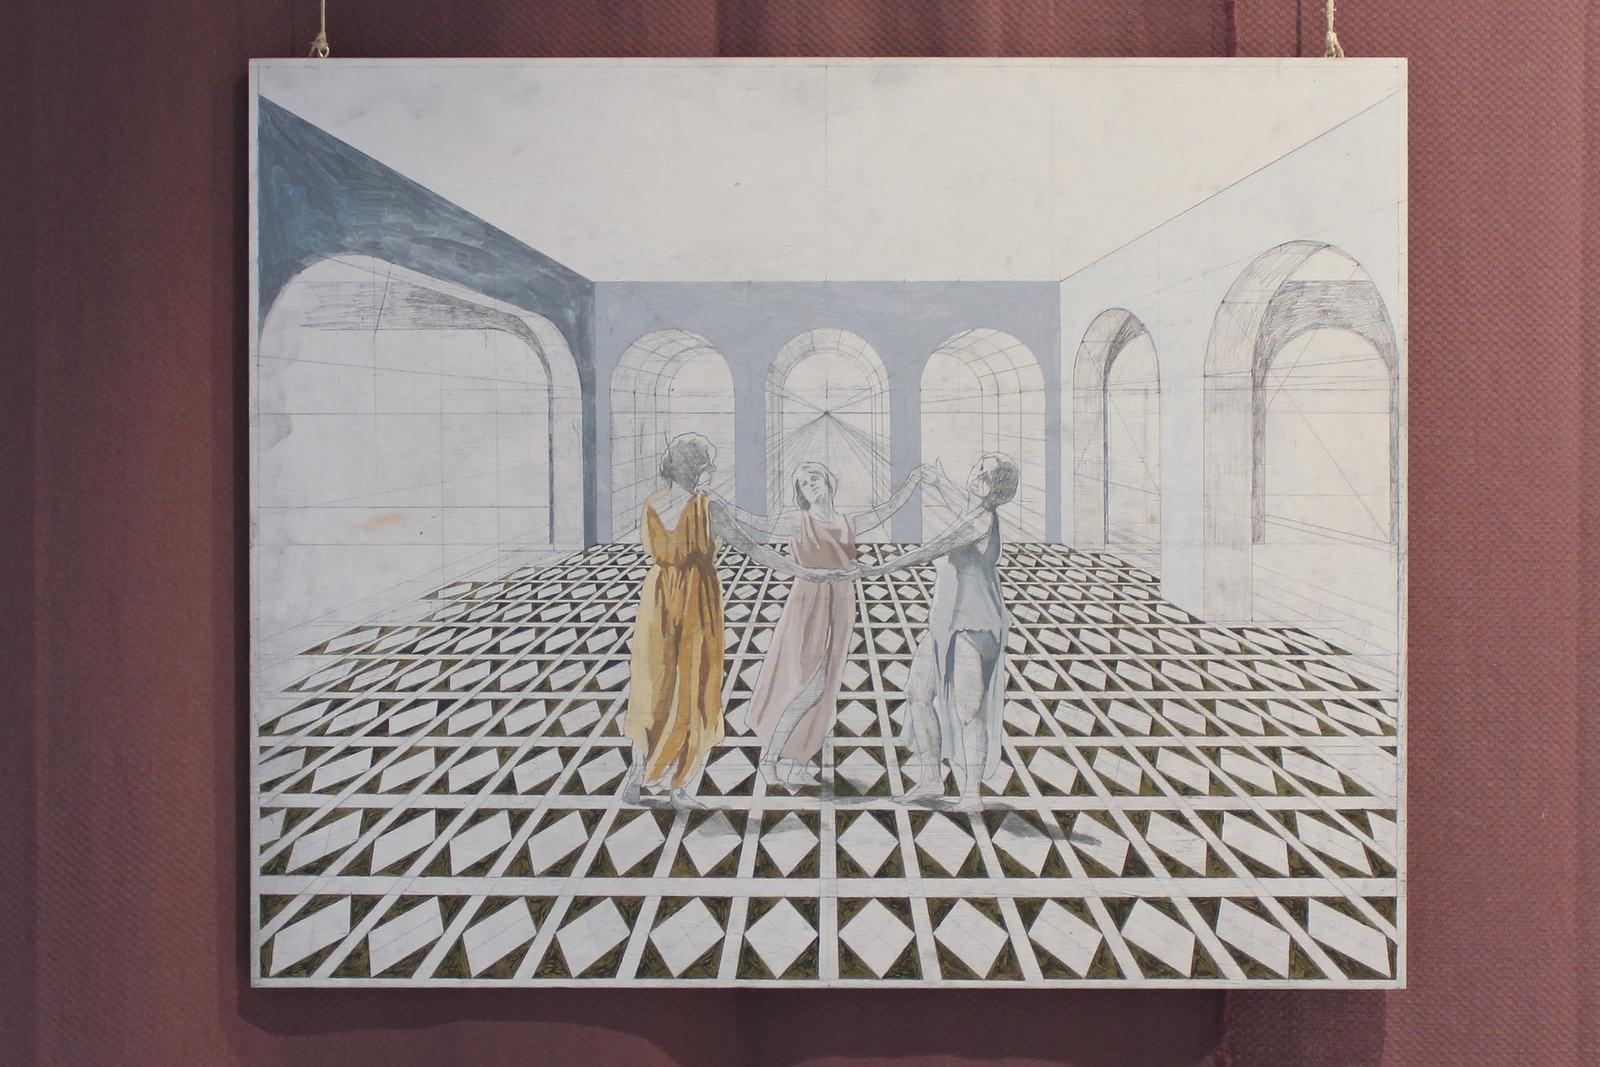 Federico Acal & Liesbeth Doms at DMW Art Space 07